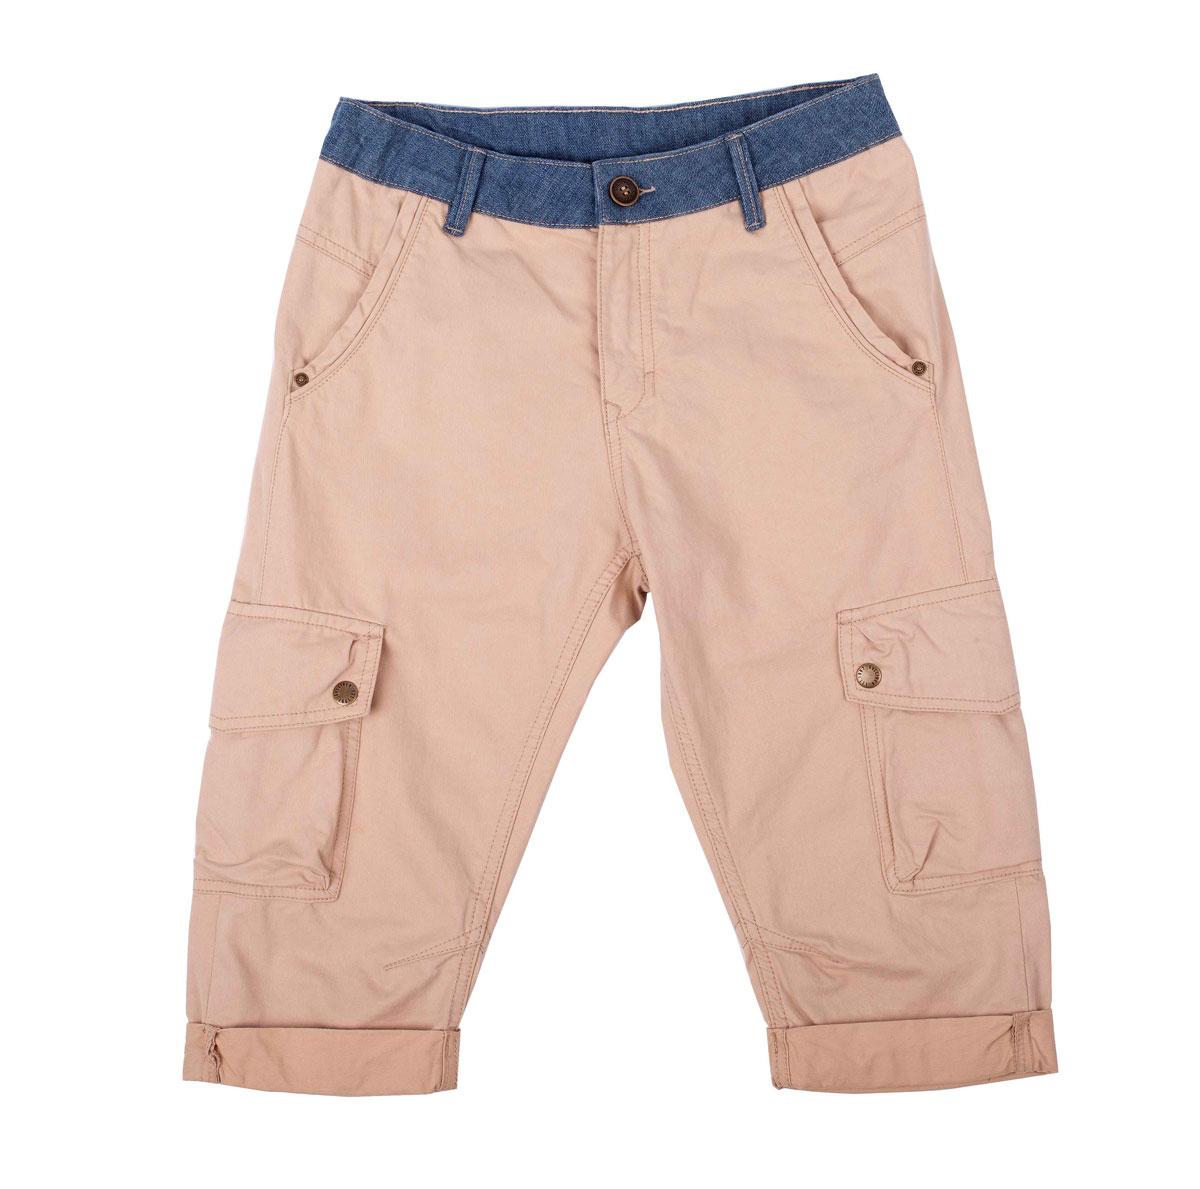 Бриджи для мальчика Камбоджа. 11611BTC600111611BTC6001Бриджи для мальчика Gulliver Камбоджа идеально подойдут юному моднику. Изготовленные из натурального хлопка, они приятные на ощупь, не сковывают движения и позволяют коже дышать, обеспечивая комфорт. Модель имеет комфортную длину и удобную посадку изделия на фигуре. Бриджи на талии застегиваются на металлическую пуговицу и имеют ширинку на застежке-молнии, а также шлевки для ремня. При необходимости пояс можно утянуть скрытой резинкой на пуговках. Спереди расположены два втачных кармана, сзади - два прорезных на застежках-пуговицах, по бокам предусмотрены два объемных накладных кармана с клапанами на кнопках. Модель дополнена декоративными отворотами. Изделие украшено вышитой надписью. Современный дизайн и расцветка делают эти бриджи модным и стильным предметом детского гардероба. В них ребенок всегда будет в центре внимания!